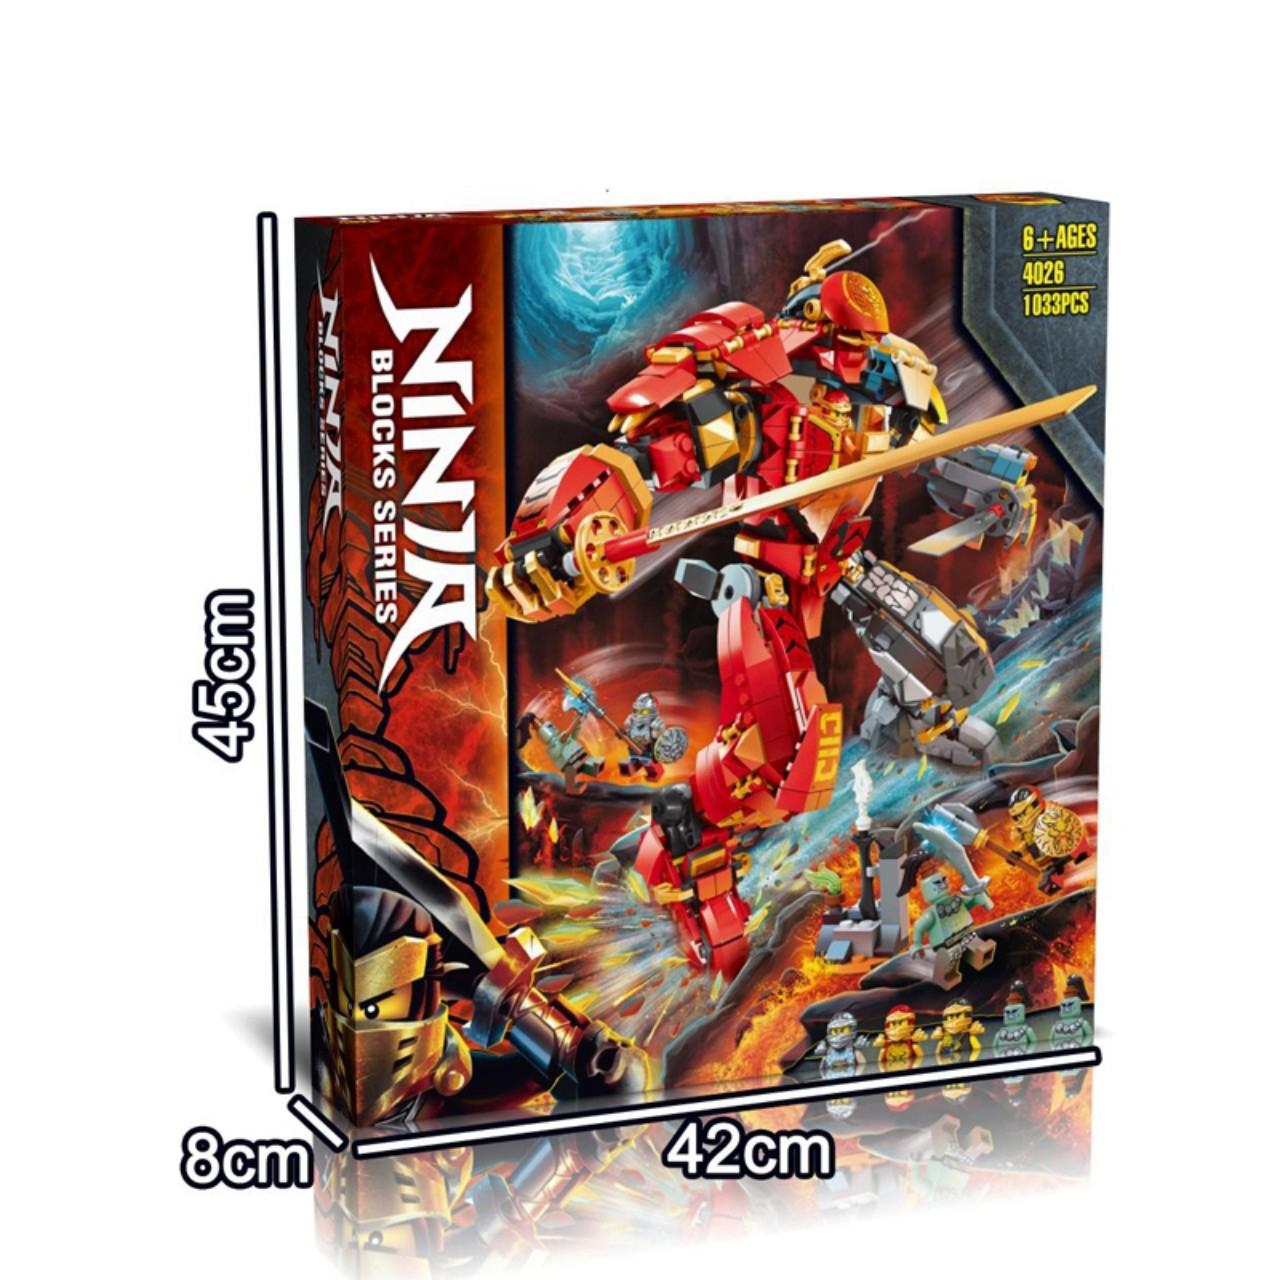 Đồ chơi LEGO NINJAGO Chiến Giáp Hợp Thể Của Kai & Cole 1033 miếng ghép - 4026